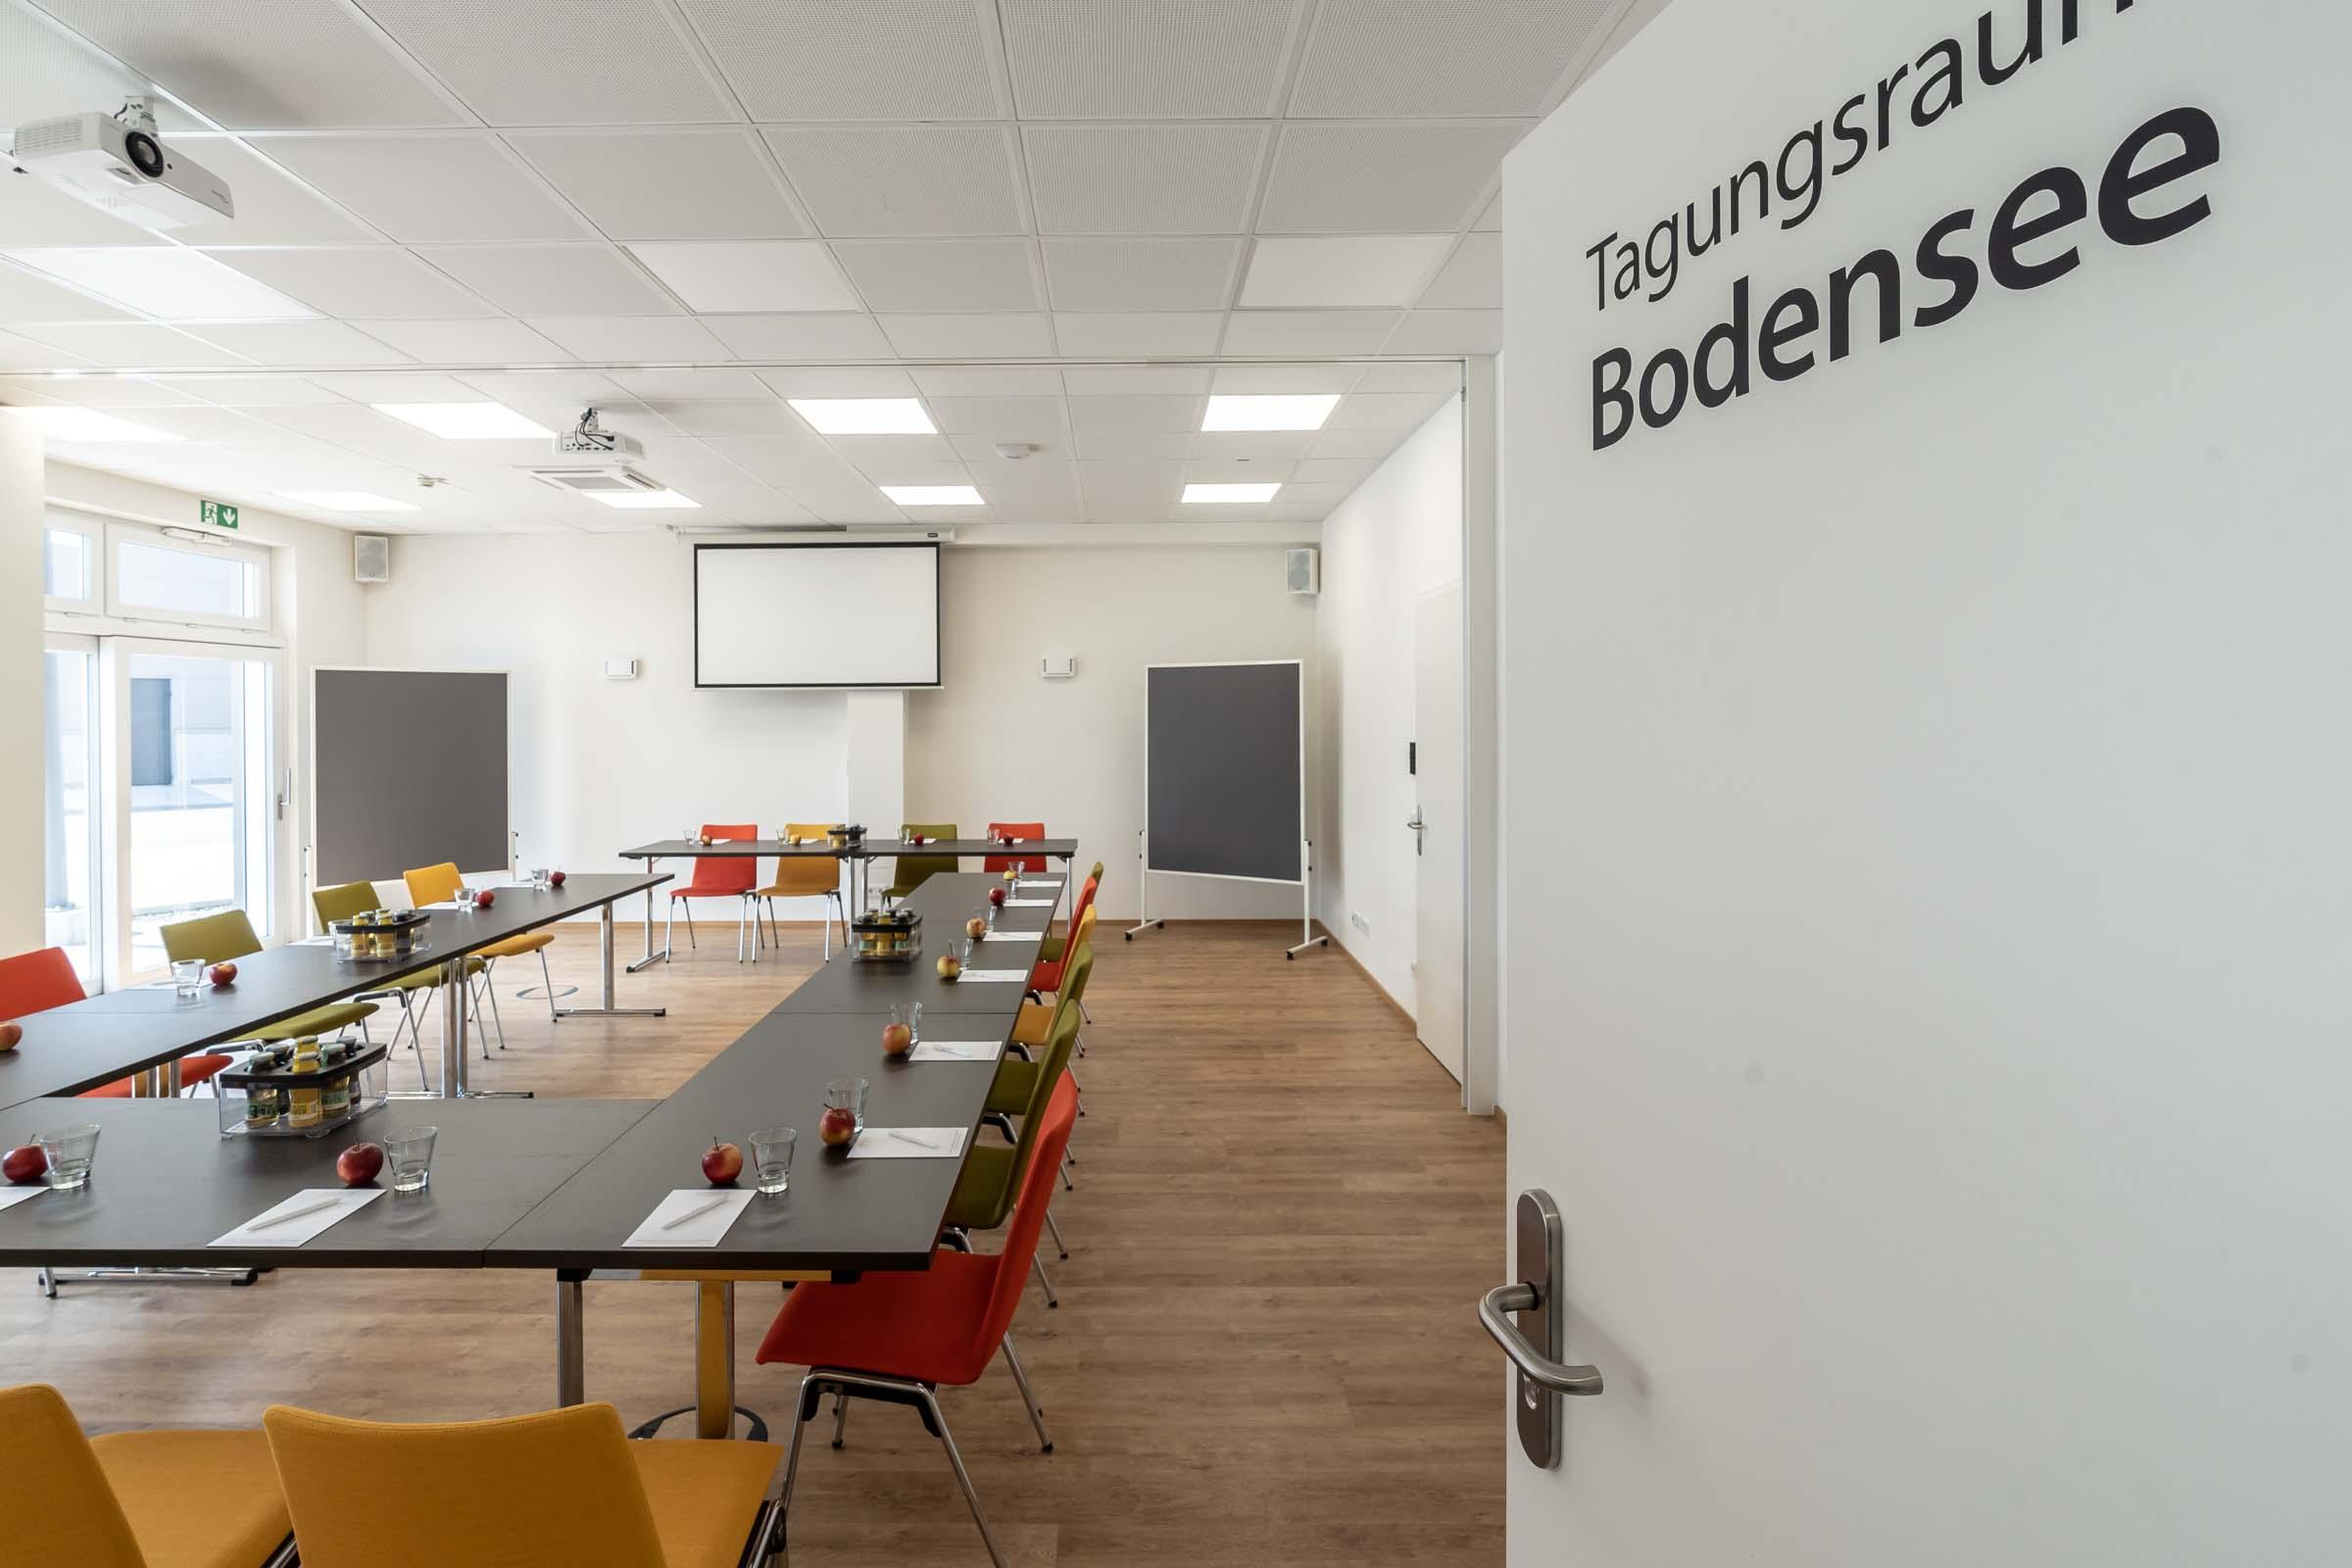 Tagungsraum Bodensee